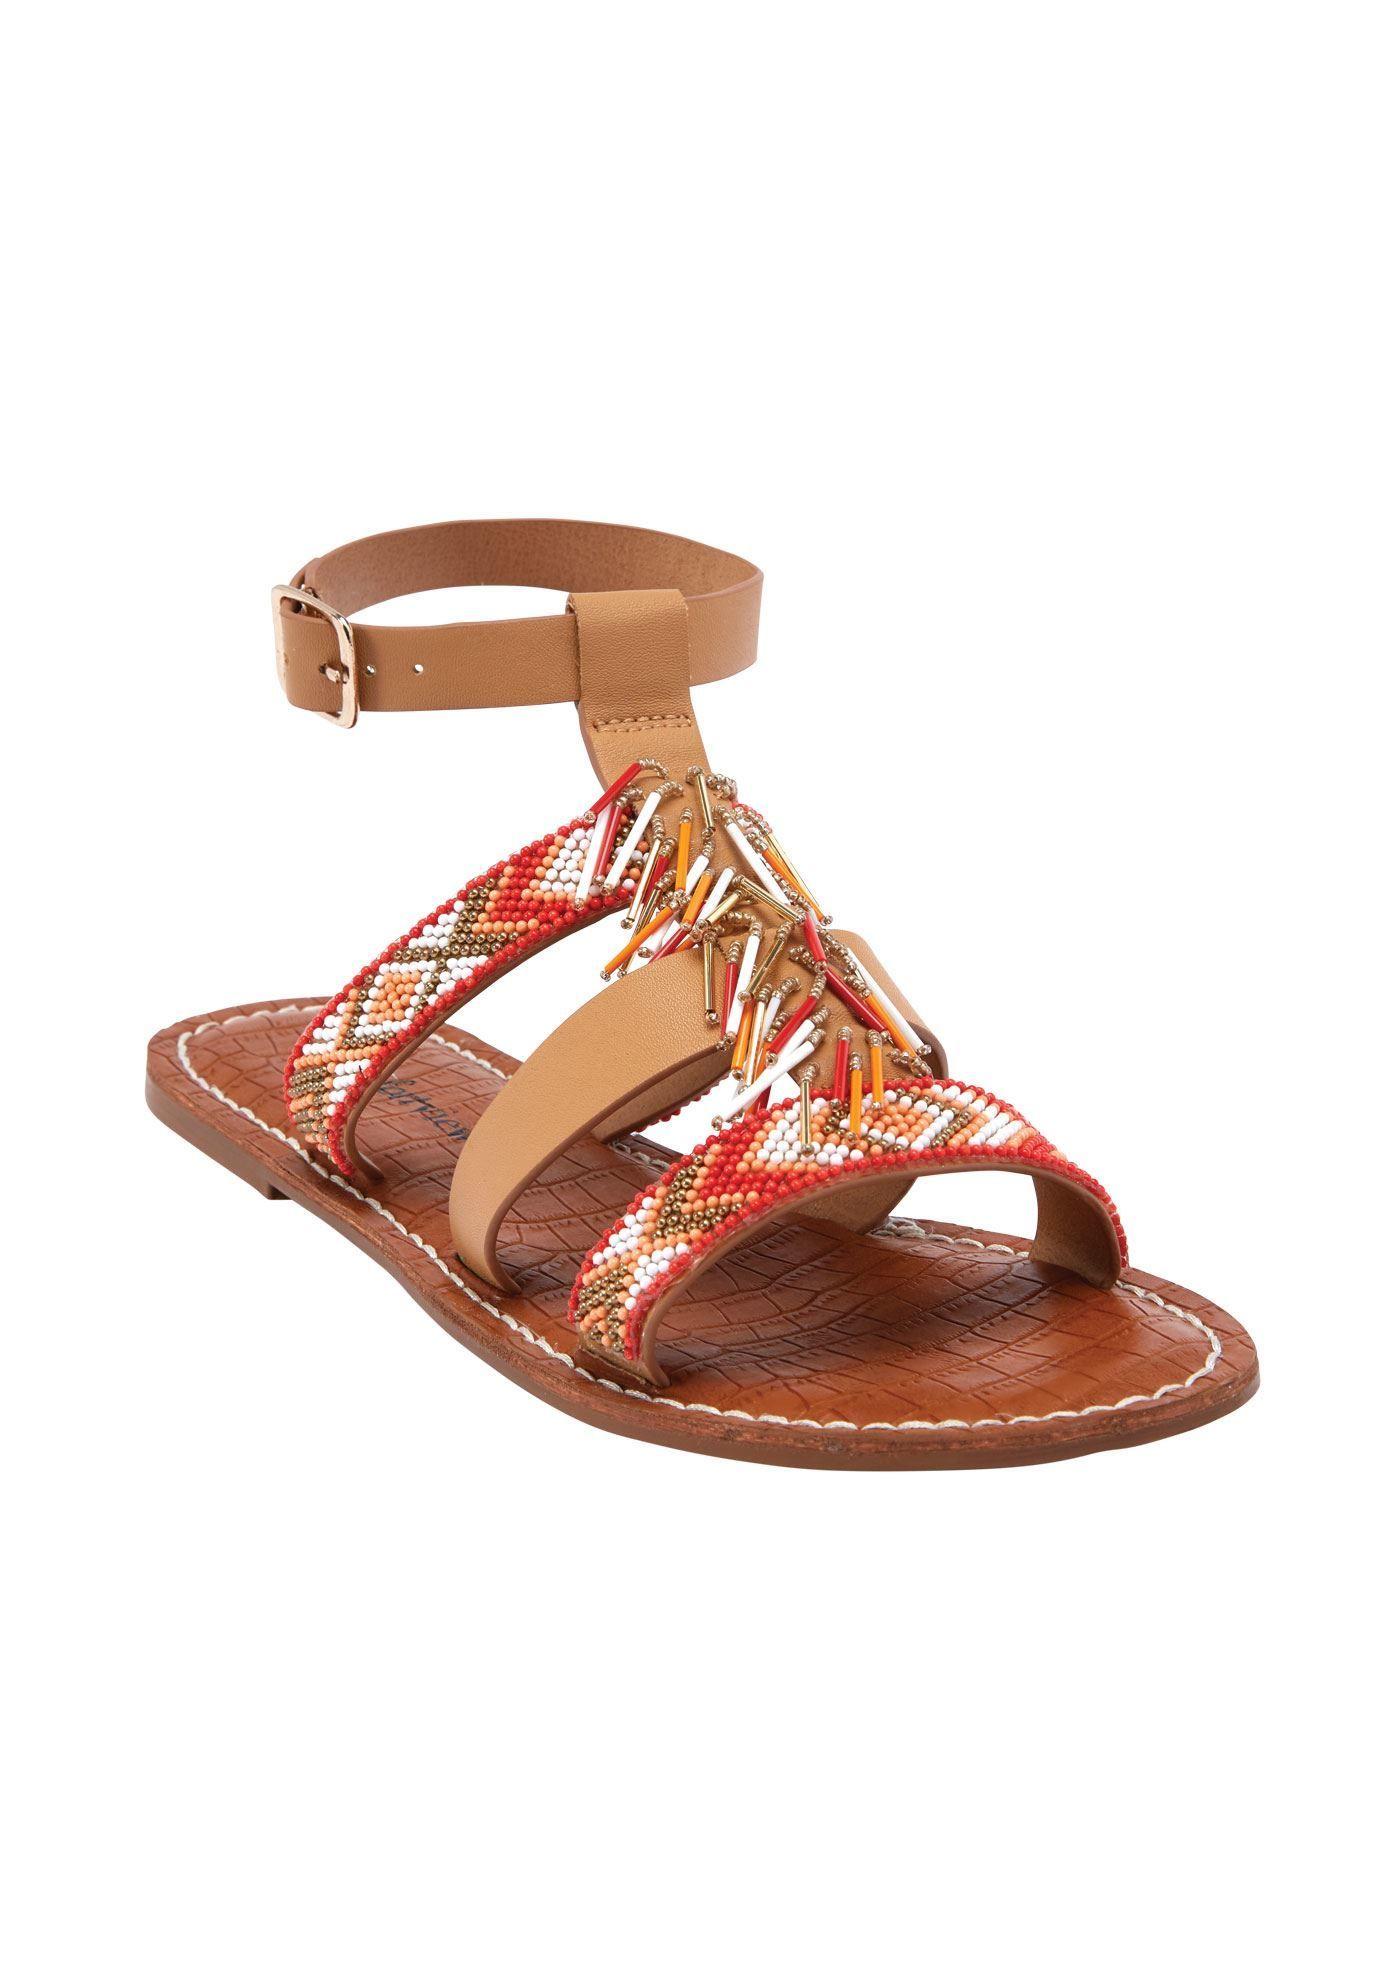 3c10e781e Preiscilla Sandals by Comfortview - Women s Plus Size Clothing ...